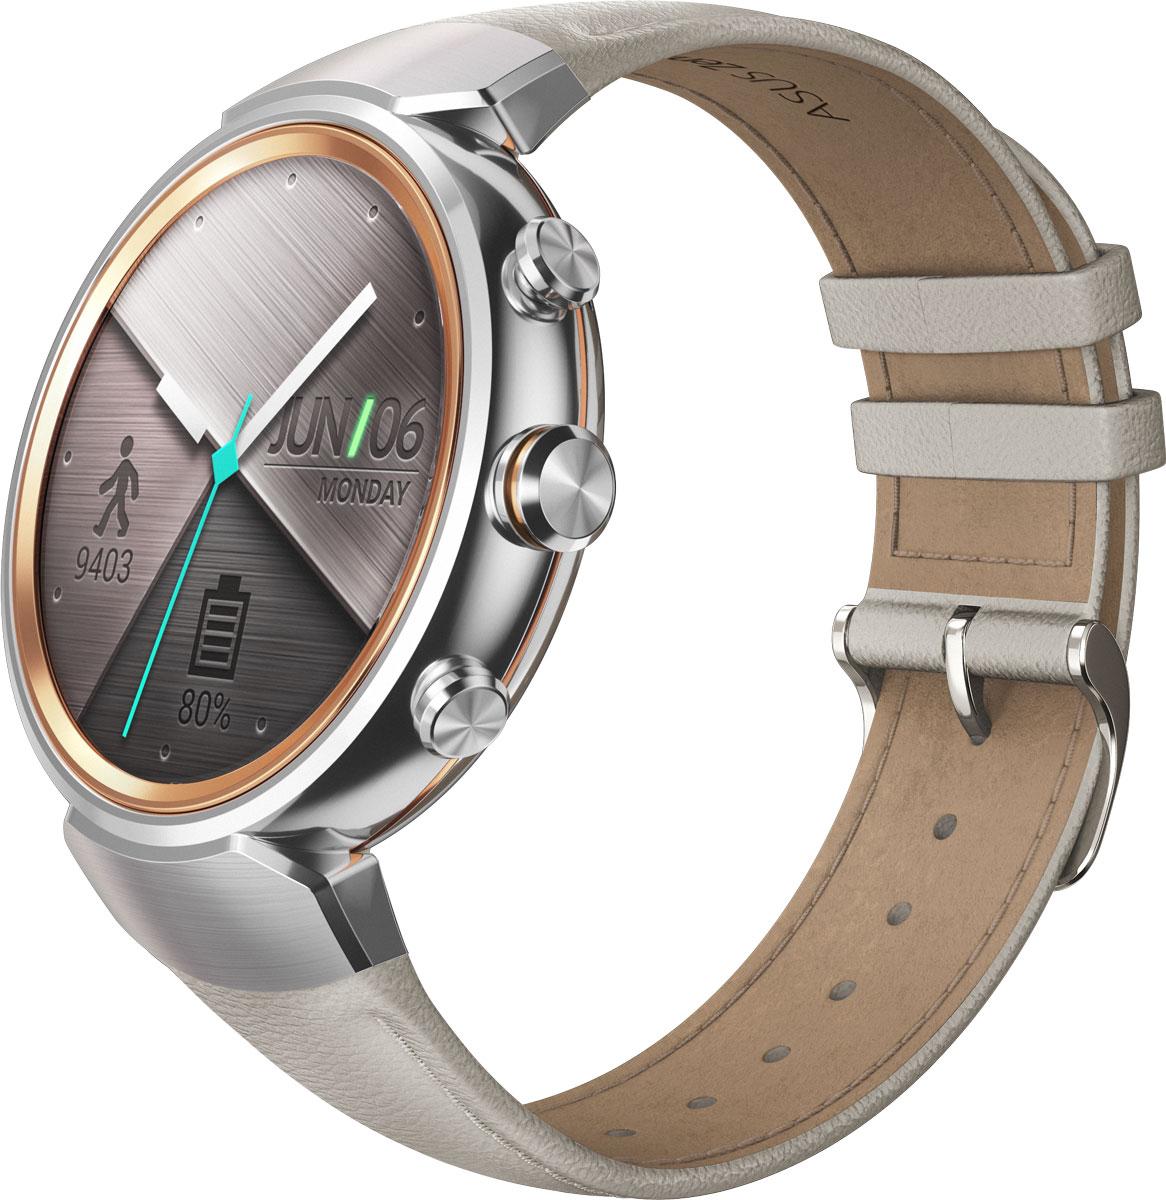 ASUS ZenWatch 3 WI503Q, Beige смарт-часыWI503Q-2LBGE0006ASUS ZenWatch 3 - это современное цифровое устройство, выполненное в соответствии с давними традициями часового искусства из высококачественных материалов и с вниманием к каждой детали. Эти часы умеют делать гораздо больше, чем просто показывать время, а благодаря широким возможностям по персонализации их интерфейса вы легко можете настроить их по своему вкусу. Длительное время автономной работы и технология быстрой подзарядки аккумулятора делают ASUS ZenWatch 3 по-настоящему мобильным устройством, которое всегда будет готово к работе. Своим внешним видом ASUS ZenWatch 3 ближе к традиционным часам, чем к современным цифровым гаджетам. Их стильный дизайн вдохновлен образом солнечного затмения, а широчайшая функциональность реализована с безупречным мастерством. Корпус часов ZenWatch 3 изготовлен из ювелирной нержавеющей стали марки 316L, которая наделяет их не только превосходным внешним видом, но и долговечностью, ведь ее прочность на 82% выше по...